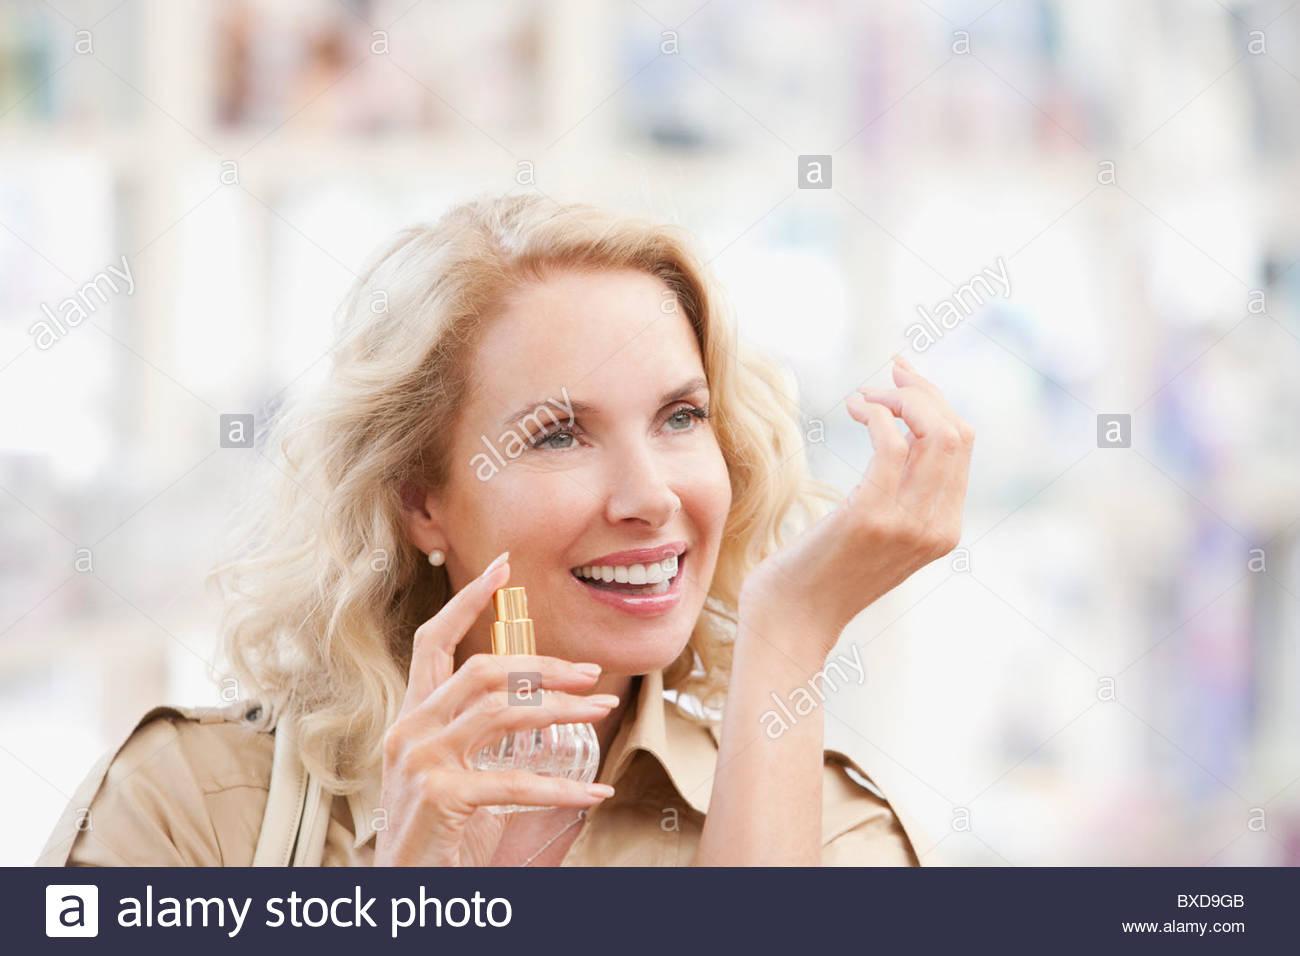 Mujer sonriente probando el perfume en la tienda Imagen De Stock